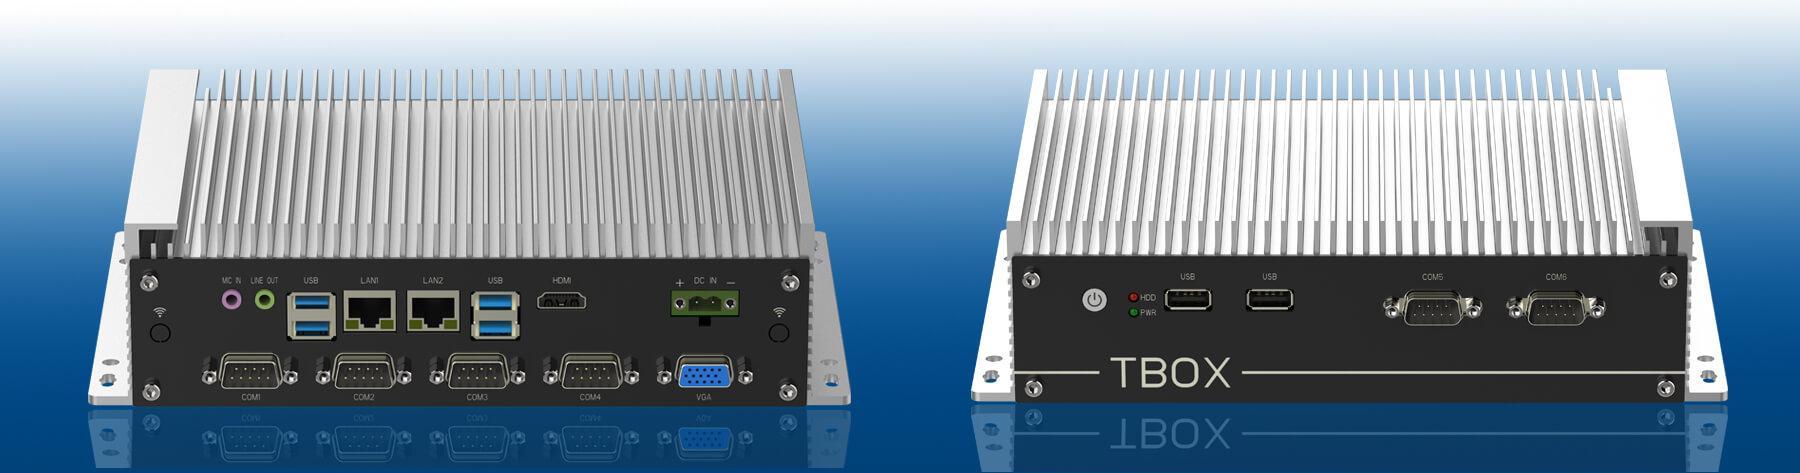 无风扇工控机用于航班信息显示系统